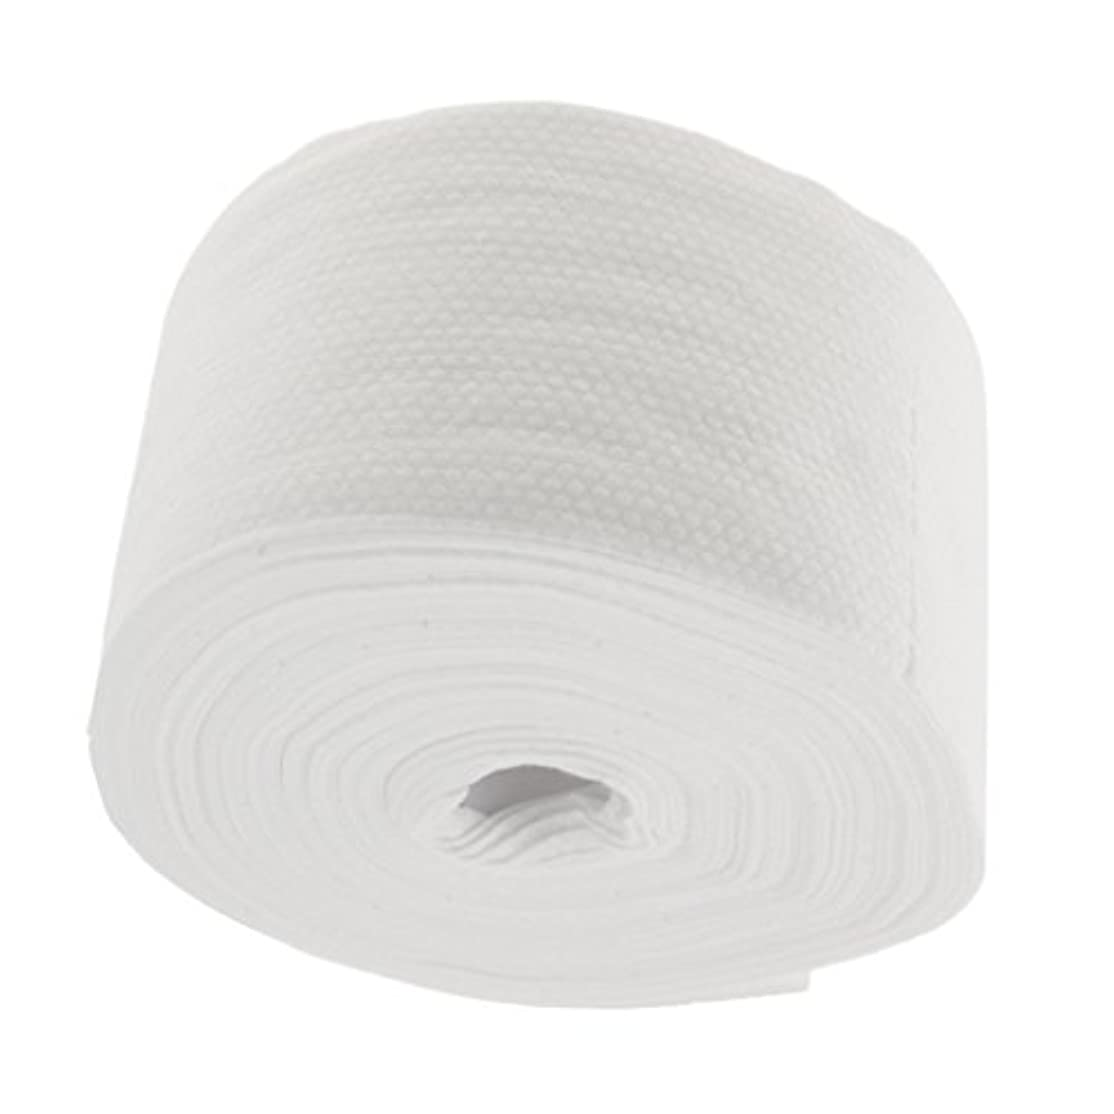 ハムテレビを見る白いロール式 使い捨て 洗顔タオル 使い捨てタオル 30M コットン 繊維 メイクリムーバー 快適 - #2